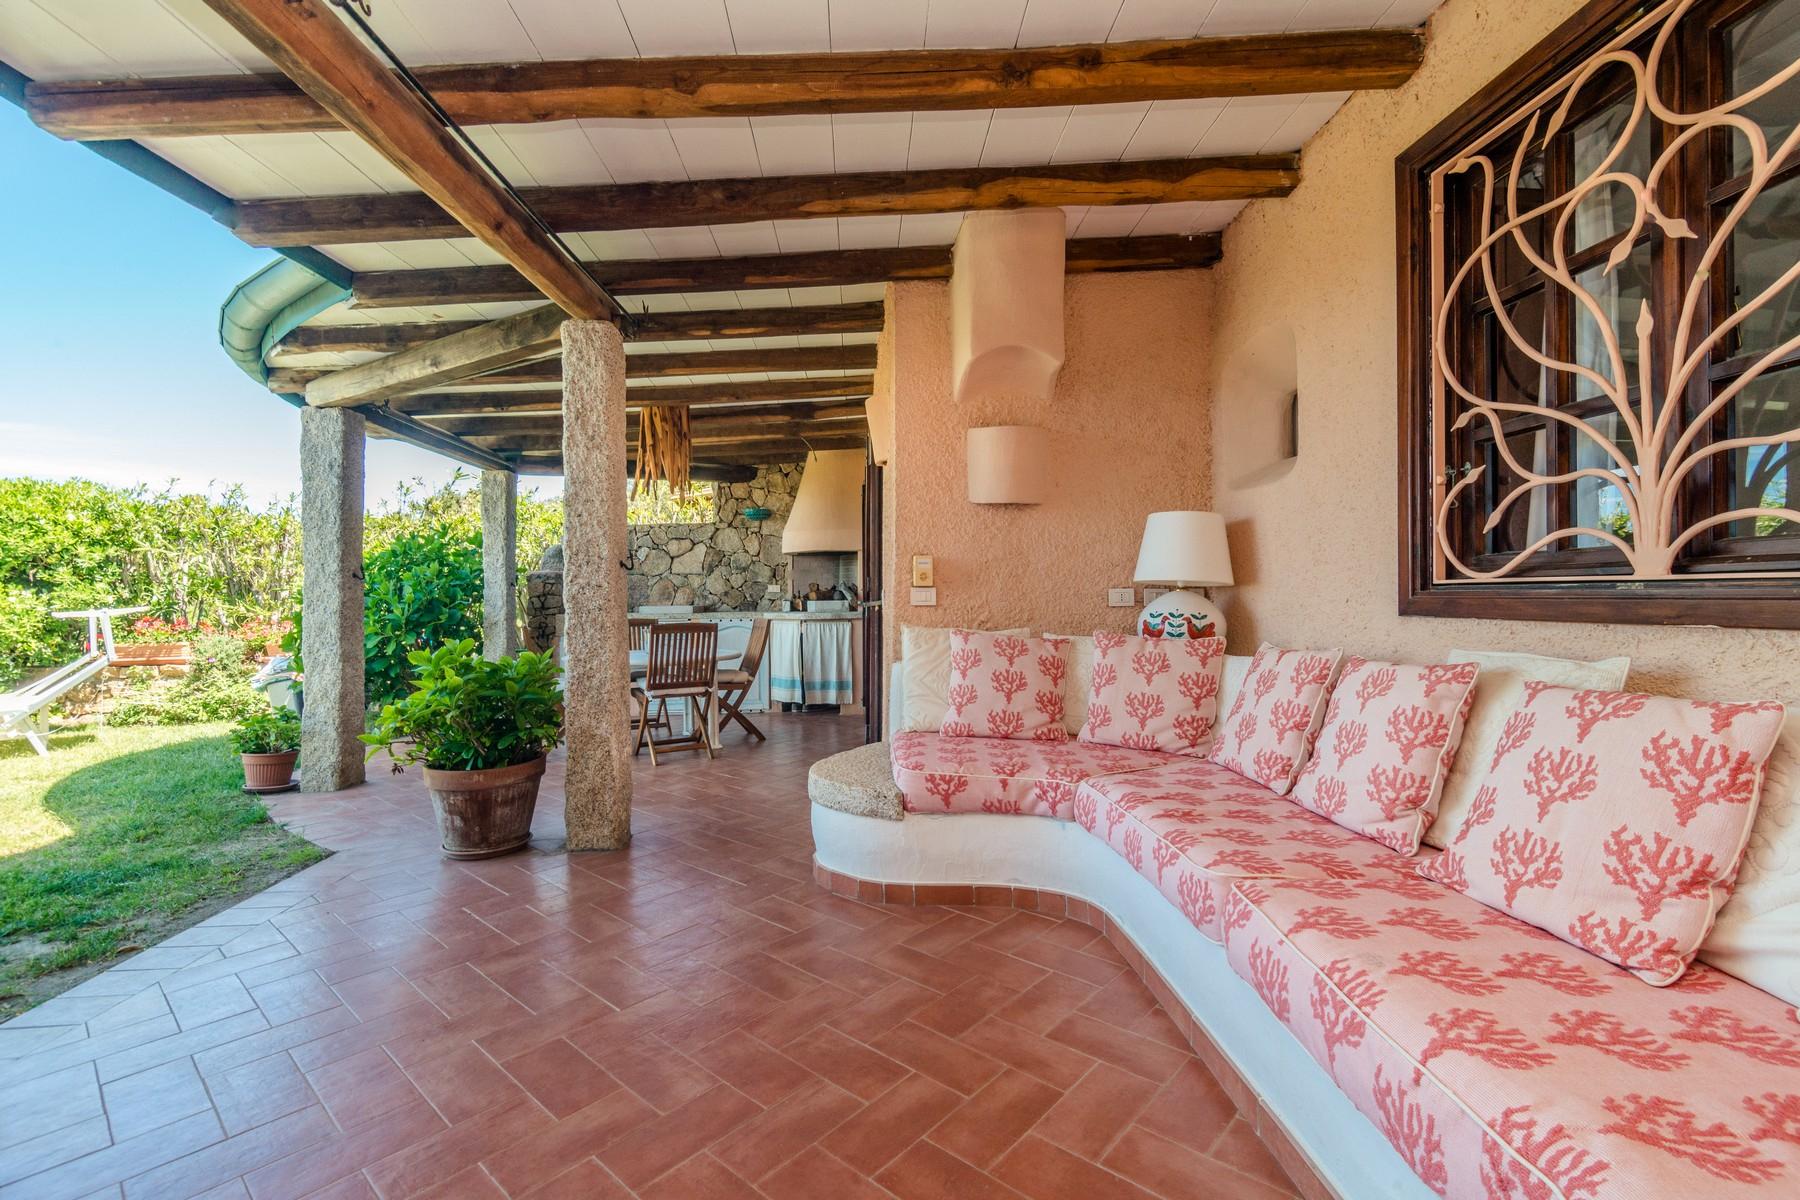 Casa indipendente in Vendita a Arzachena: 4 locali, 60 mq - Foto 3